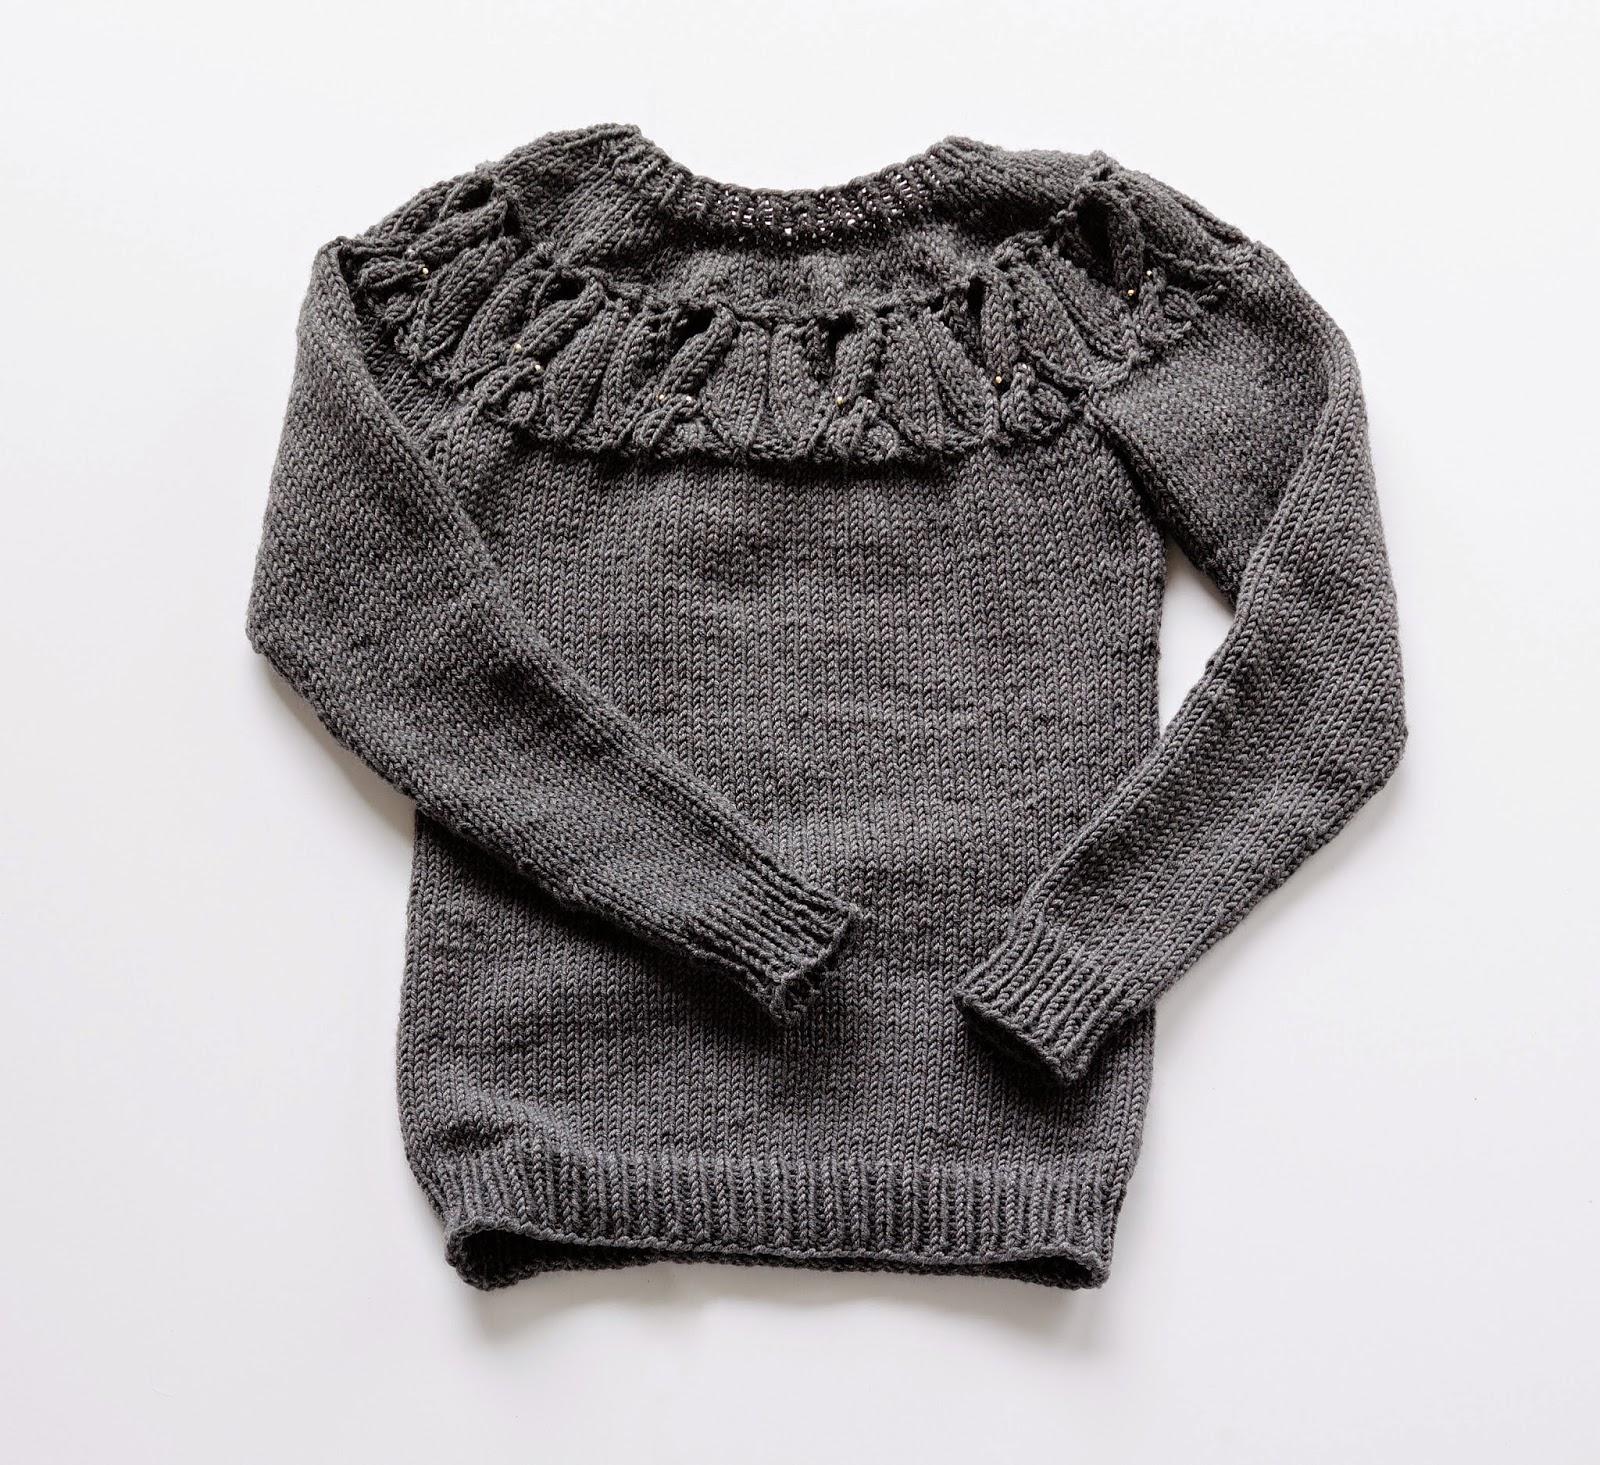 knit kit fledermaus pullover in der schweizer landliebe. Black Bedroom Furniture Sets. Home Design Ideas